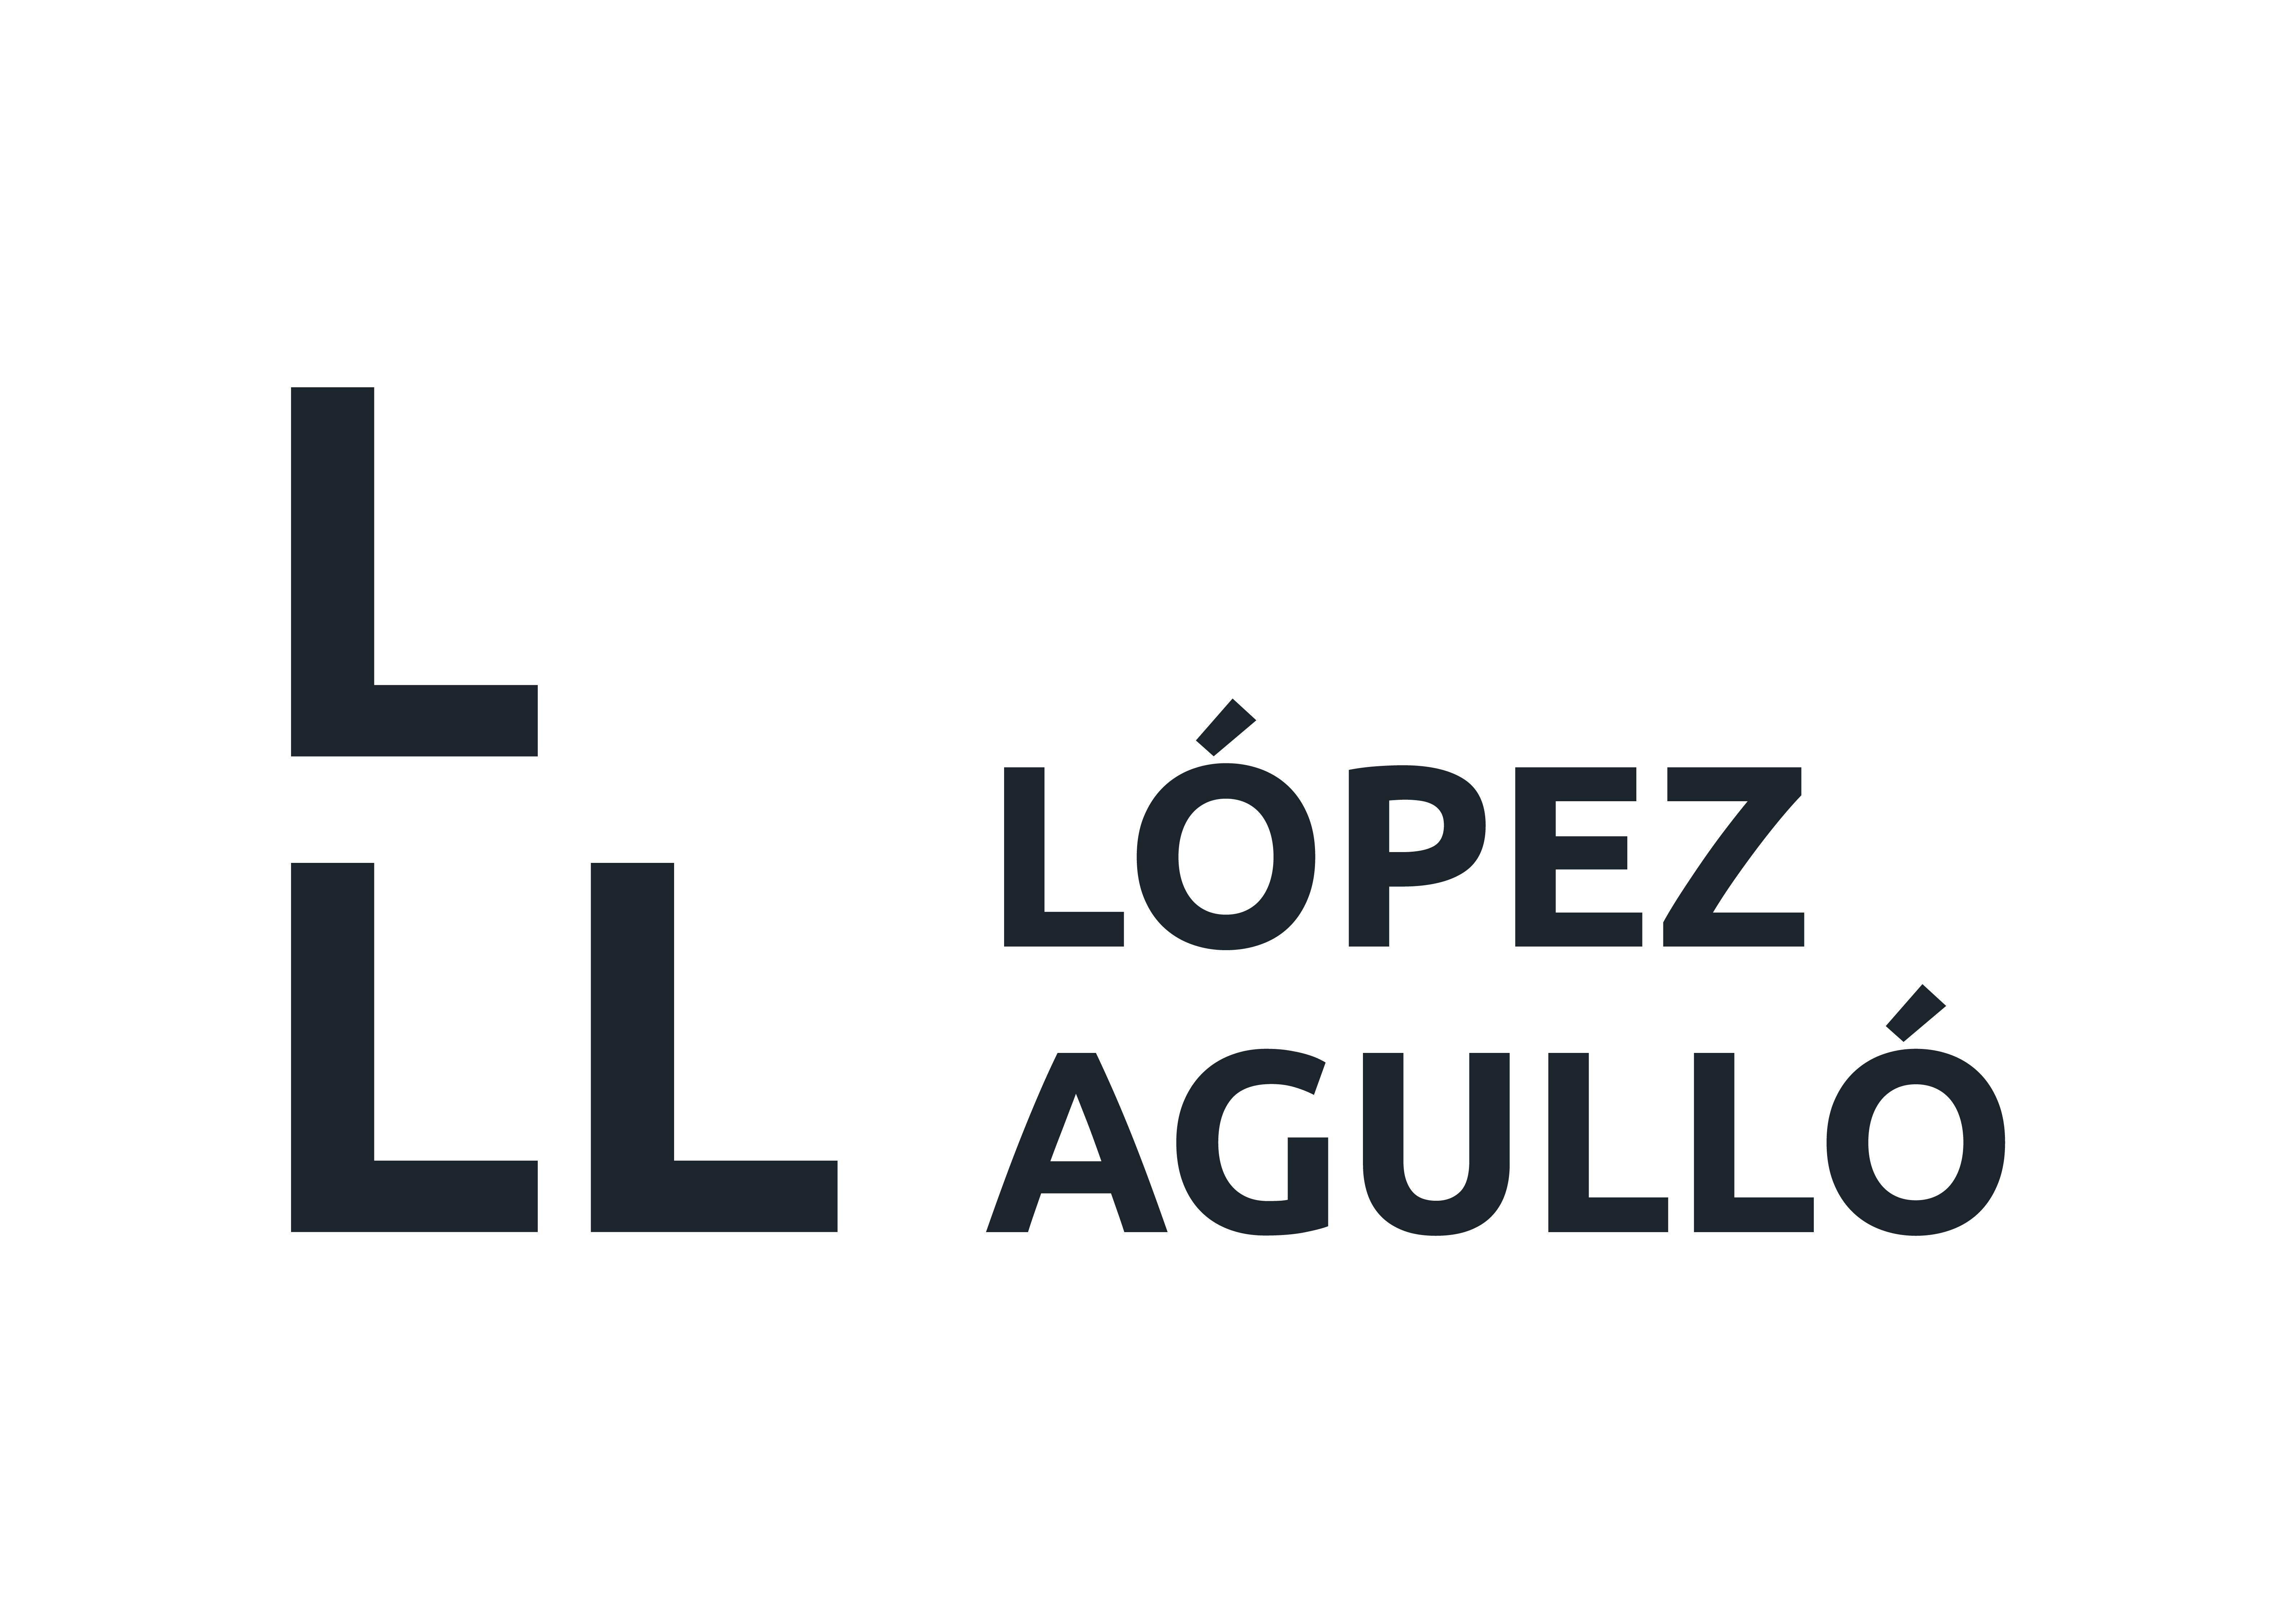 LÓPEZ-AGULLÓ ABOGADOS